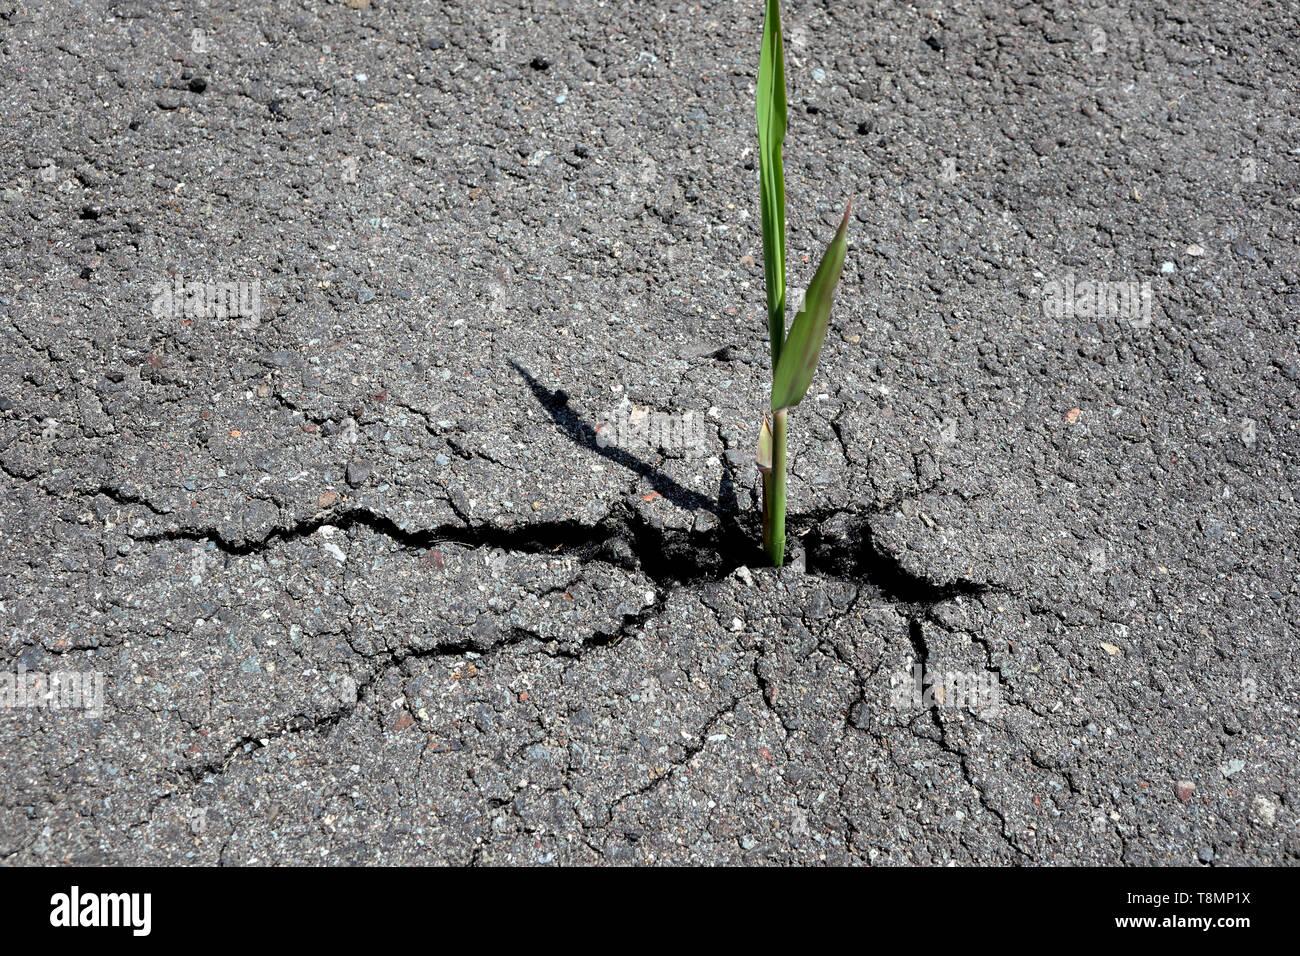 Reed bursting through tarmac road, Japan - Stock Image